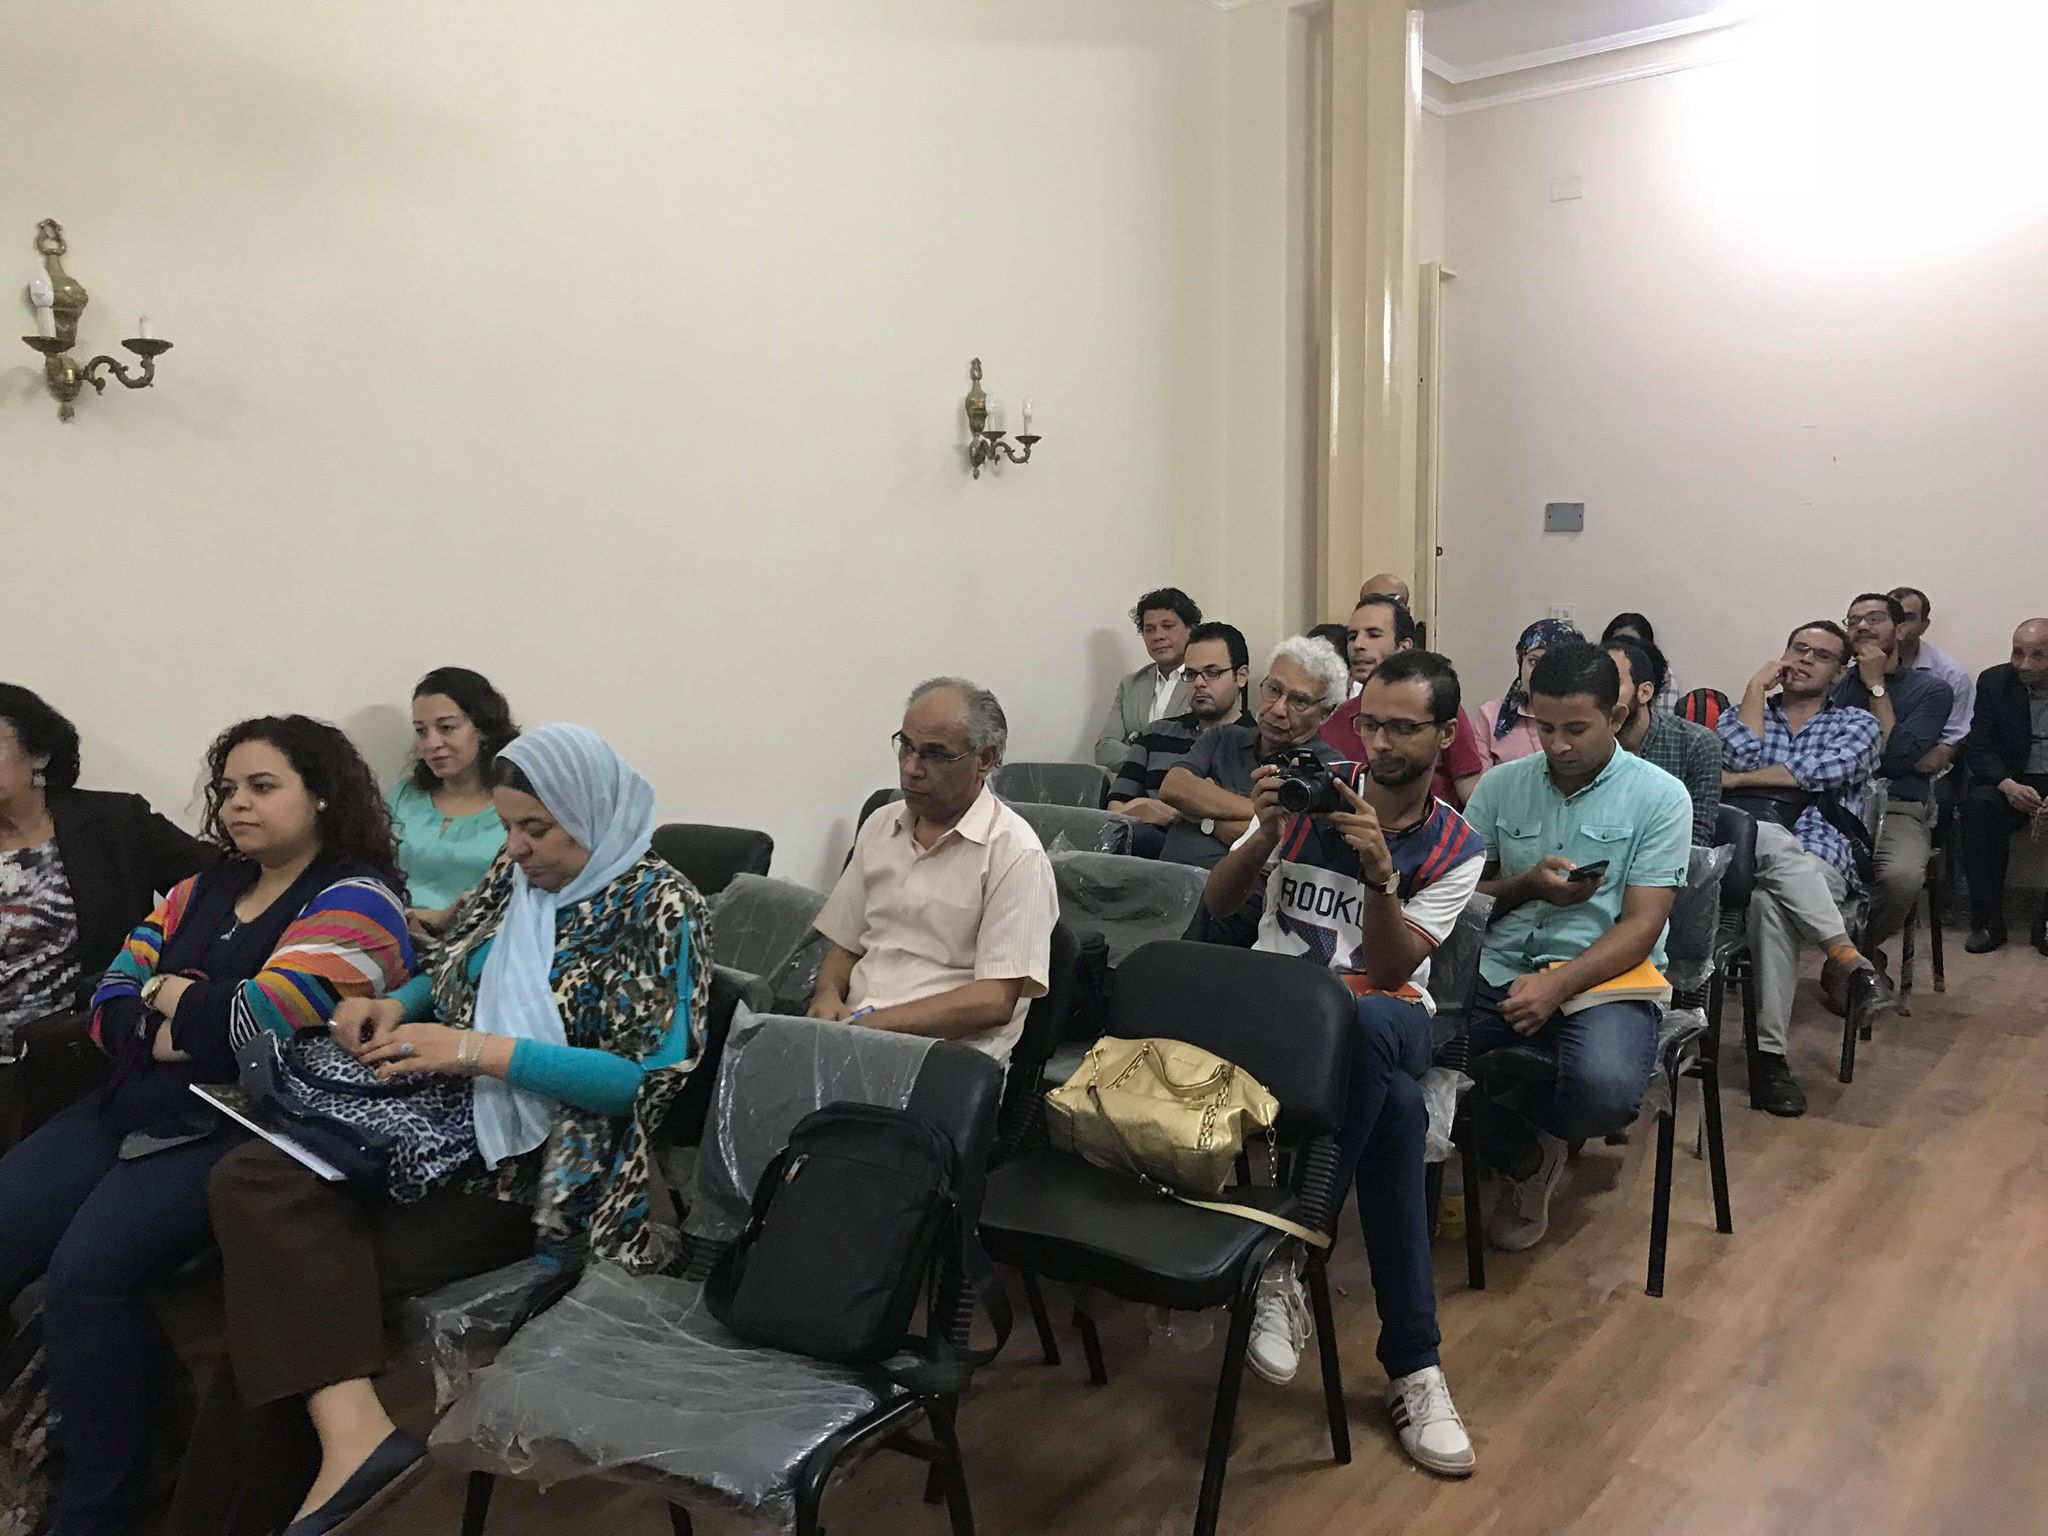 مناقشة حروب فاتنة للكاتب حسن عبد الموجود فى مؤسسة بتانة (2)